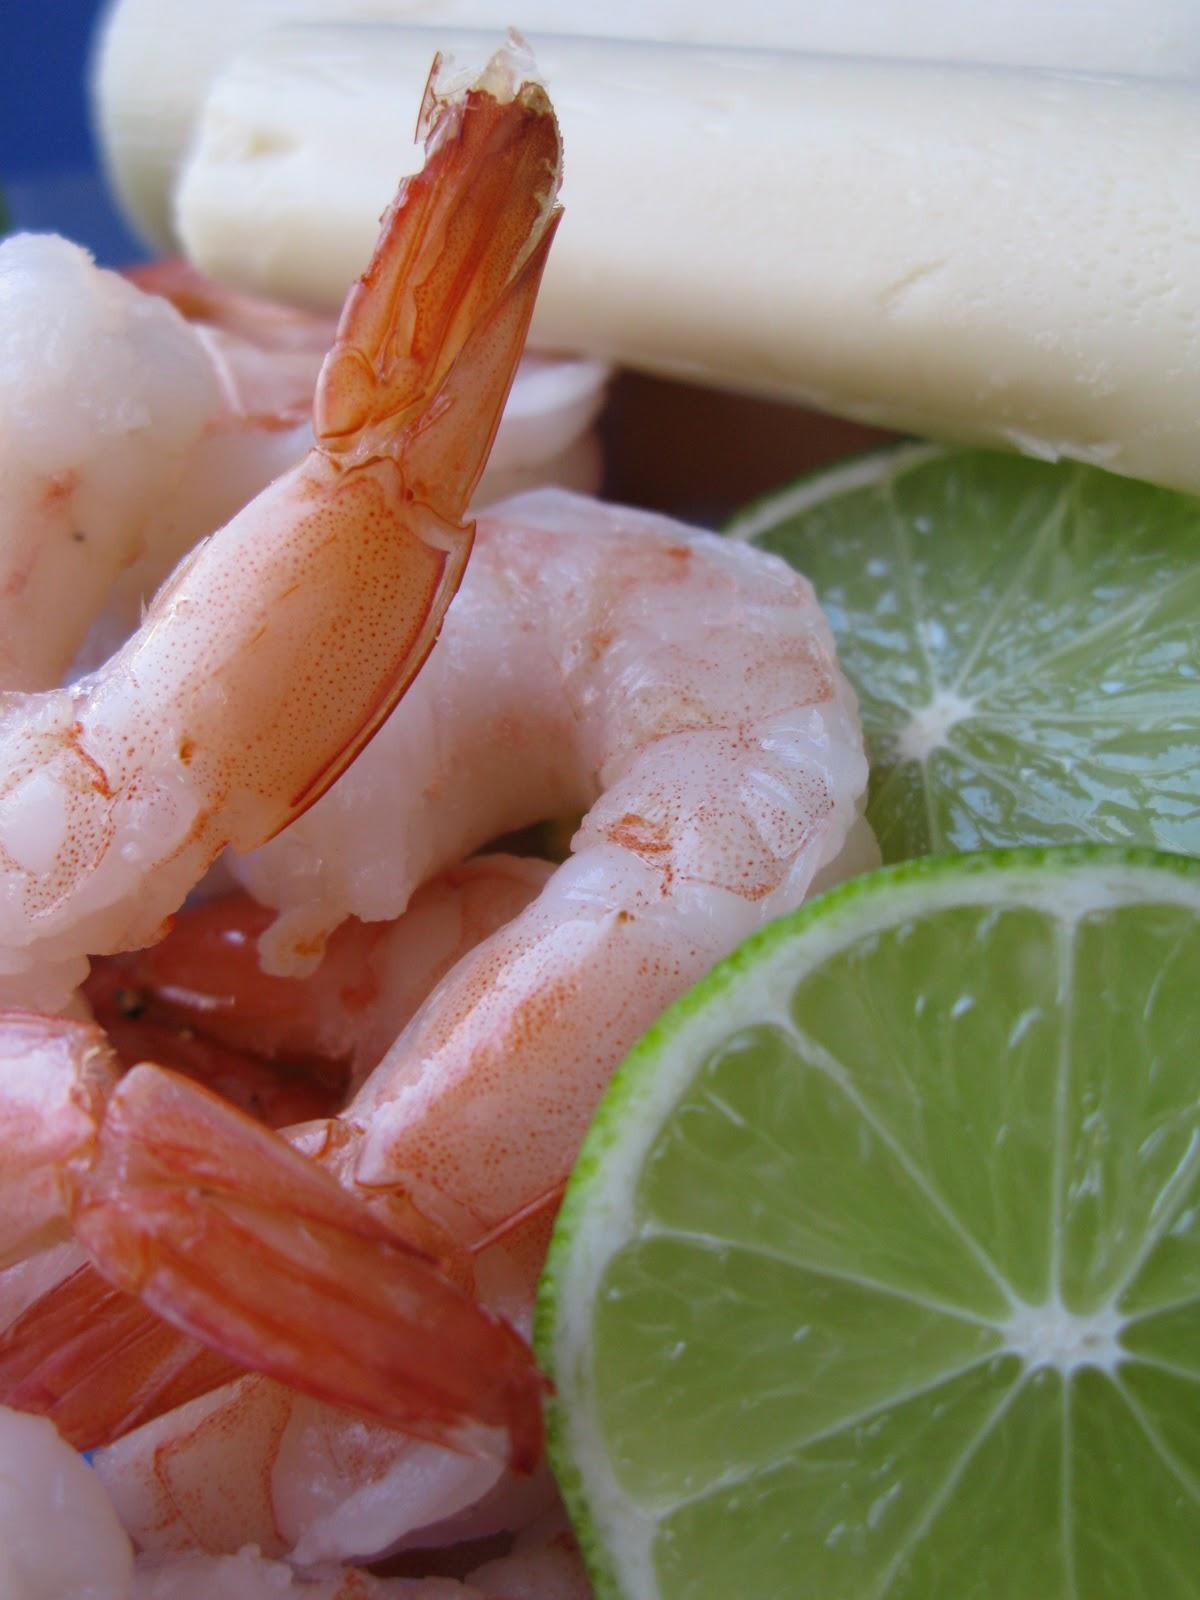 Ou Se Situe Le Coeur De La Crevette : situe, coeur, crevette, Marché:, Crevettes, Coeurs, Palmier, Salade